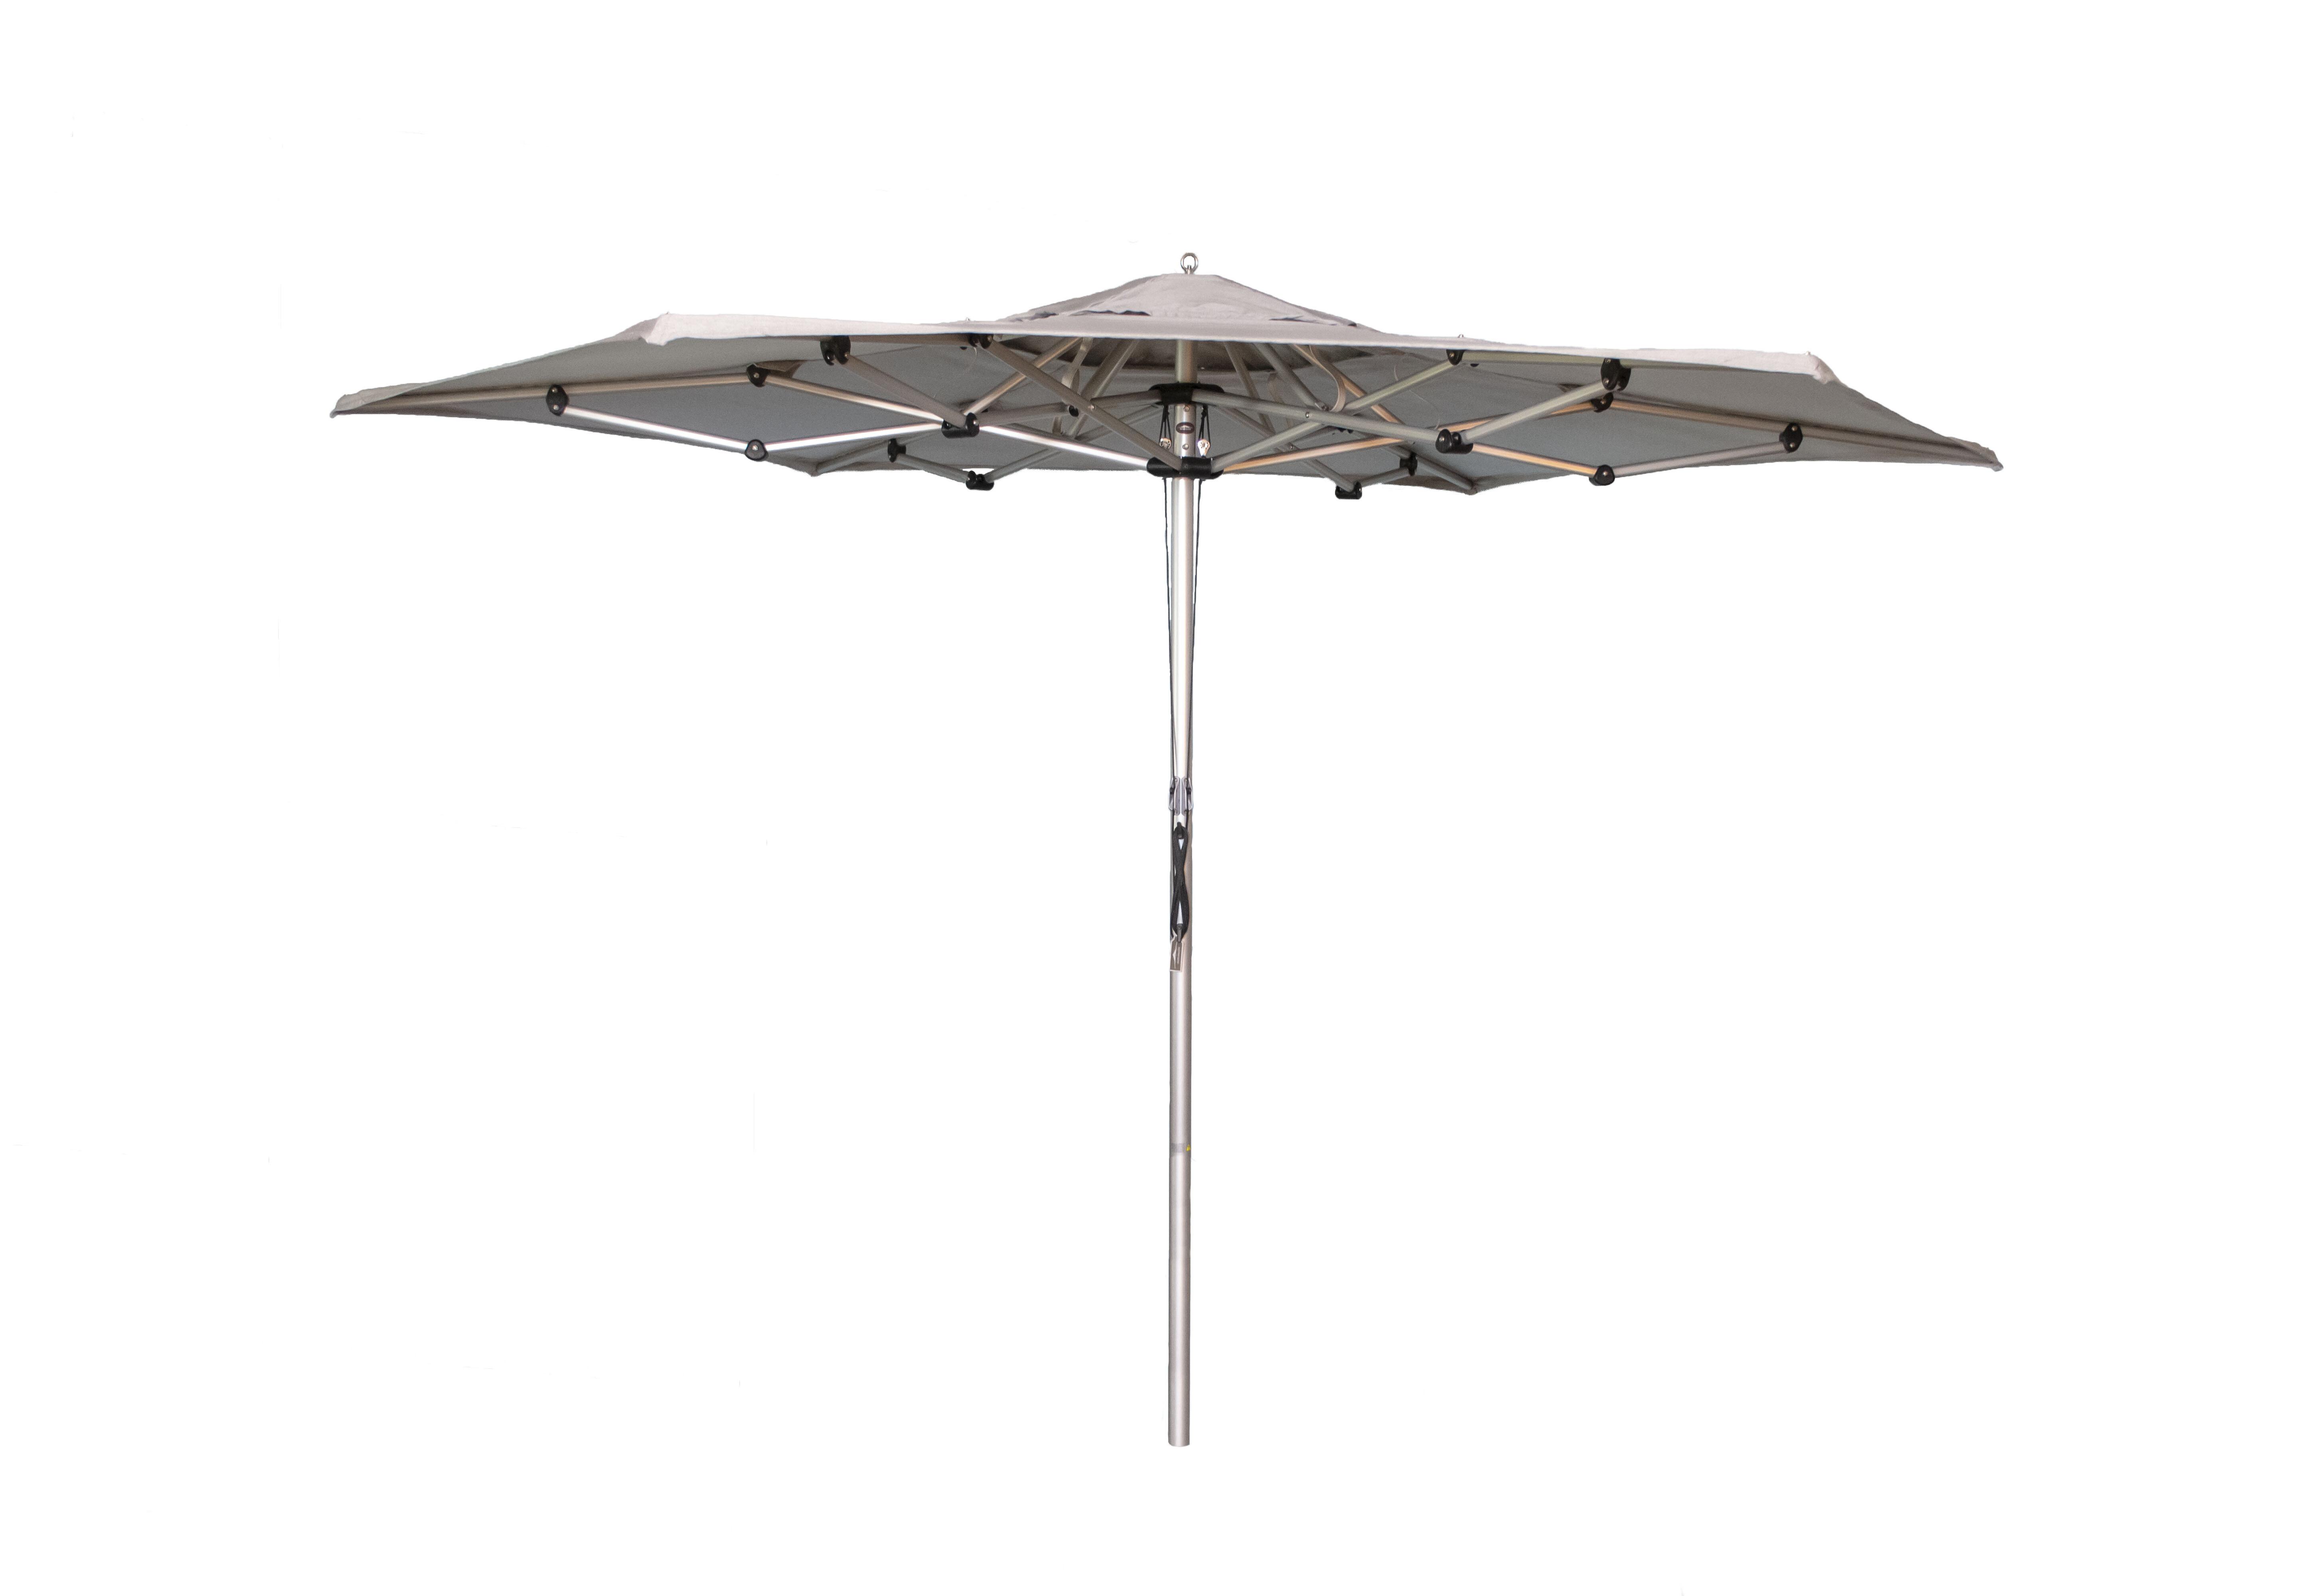 Well Known Featherste Market Umbrellas With Regard To Baden 11' Market Sunbrella Umbrella (View 19 of 20)